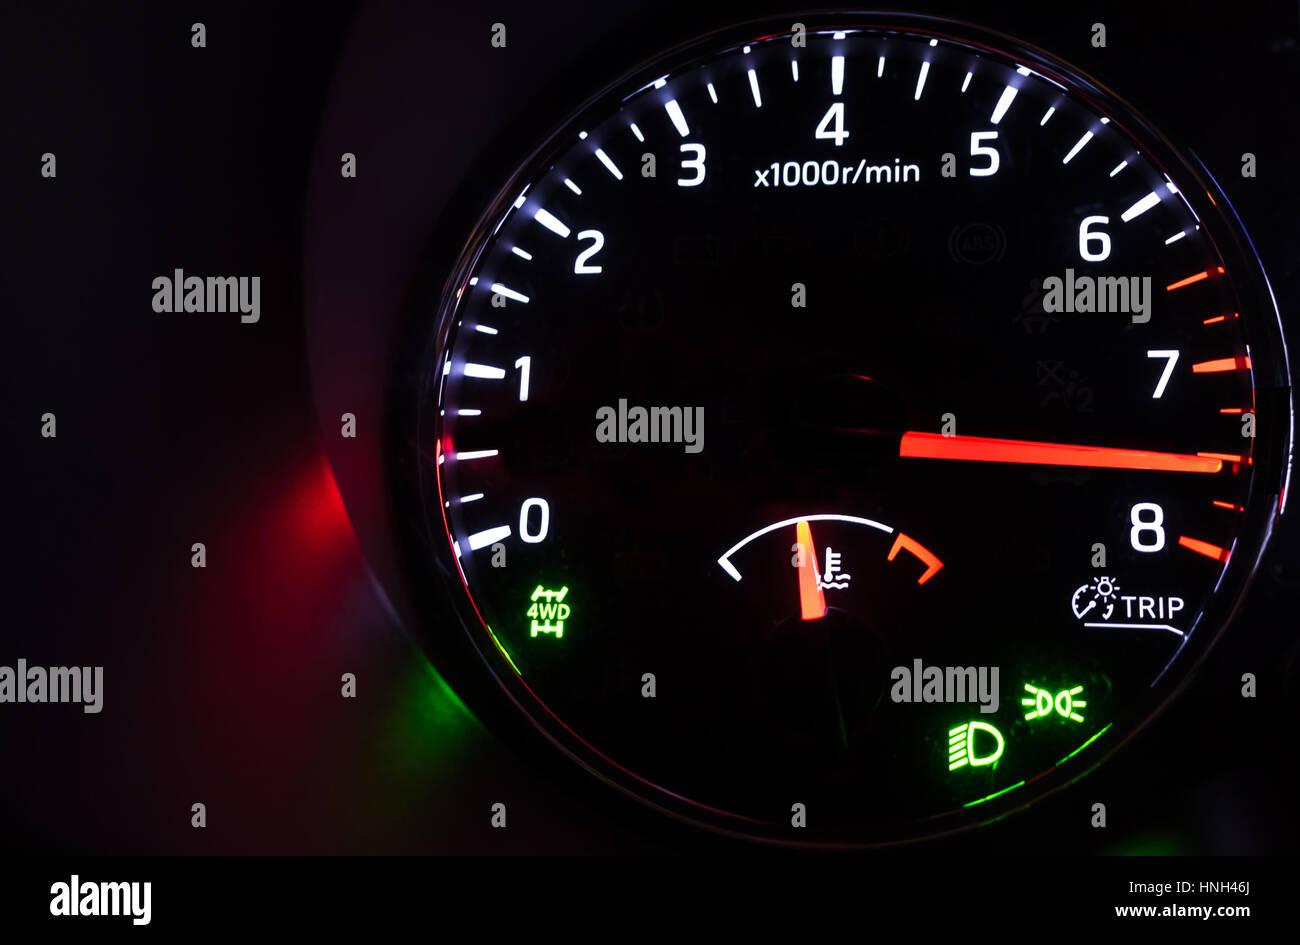 Nahaufnahme Foto von modernen Auto Drehzahlmesser mit hi-speed auf schwarzem Hintergrund, Nacht-Zustand Stockbild